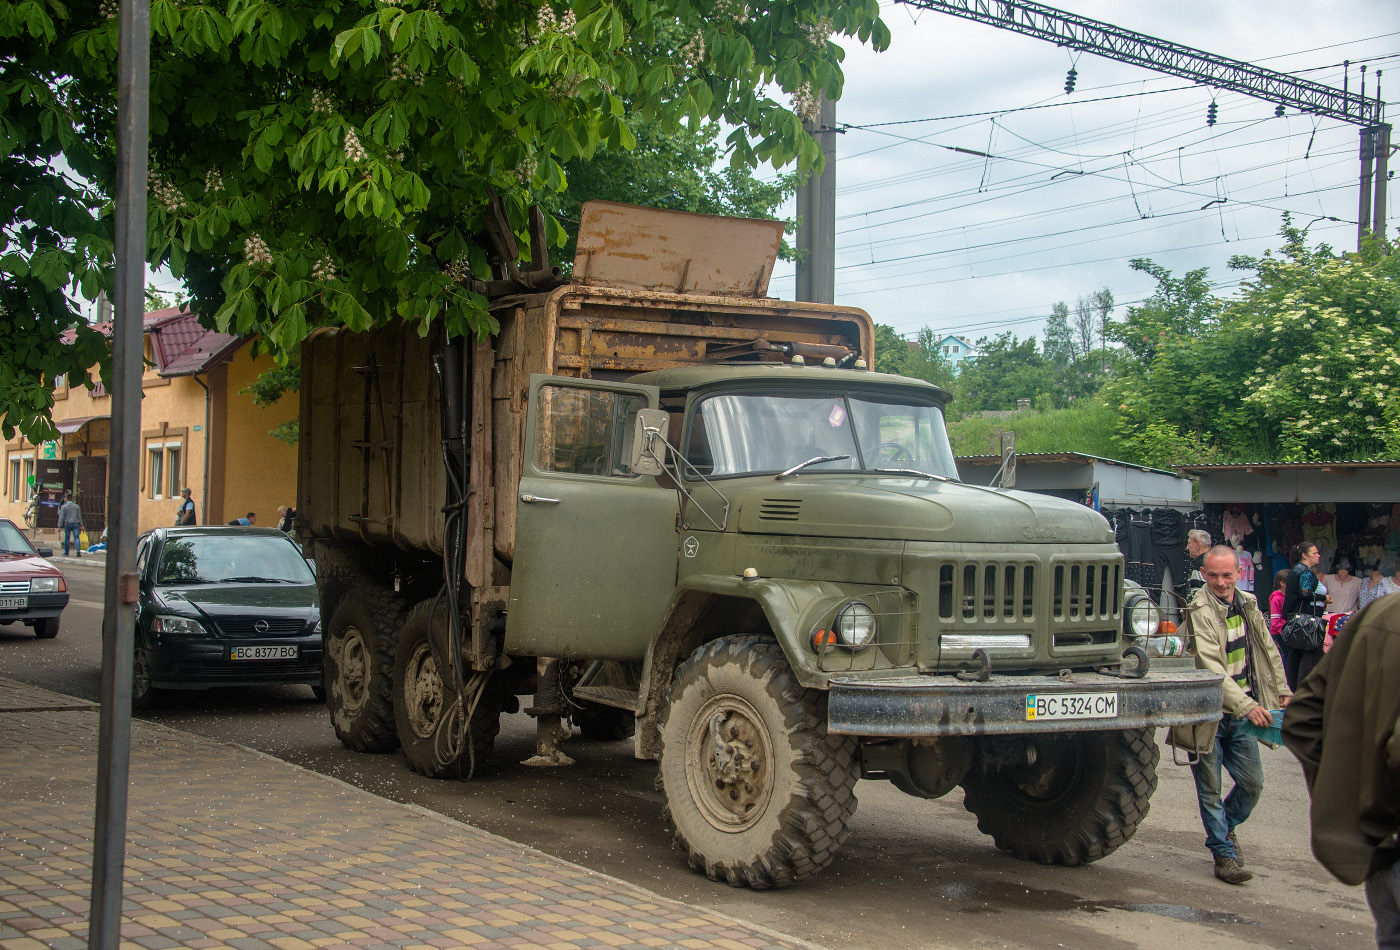 Мусоровоз на шасси ЗиЛ-131 #ВС 5324 СМ. Львовская область, Турка